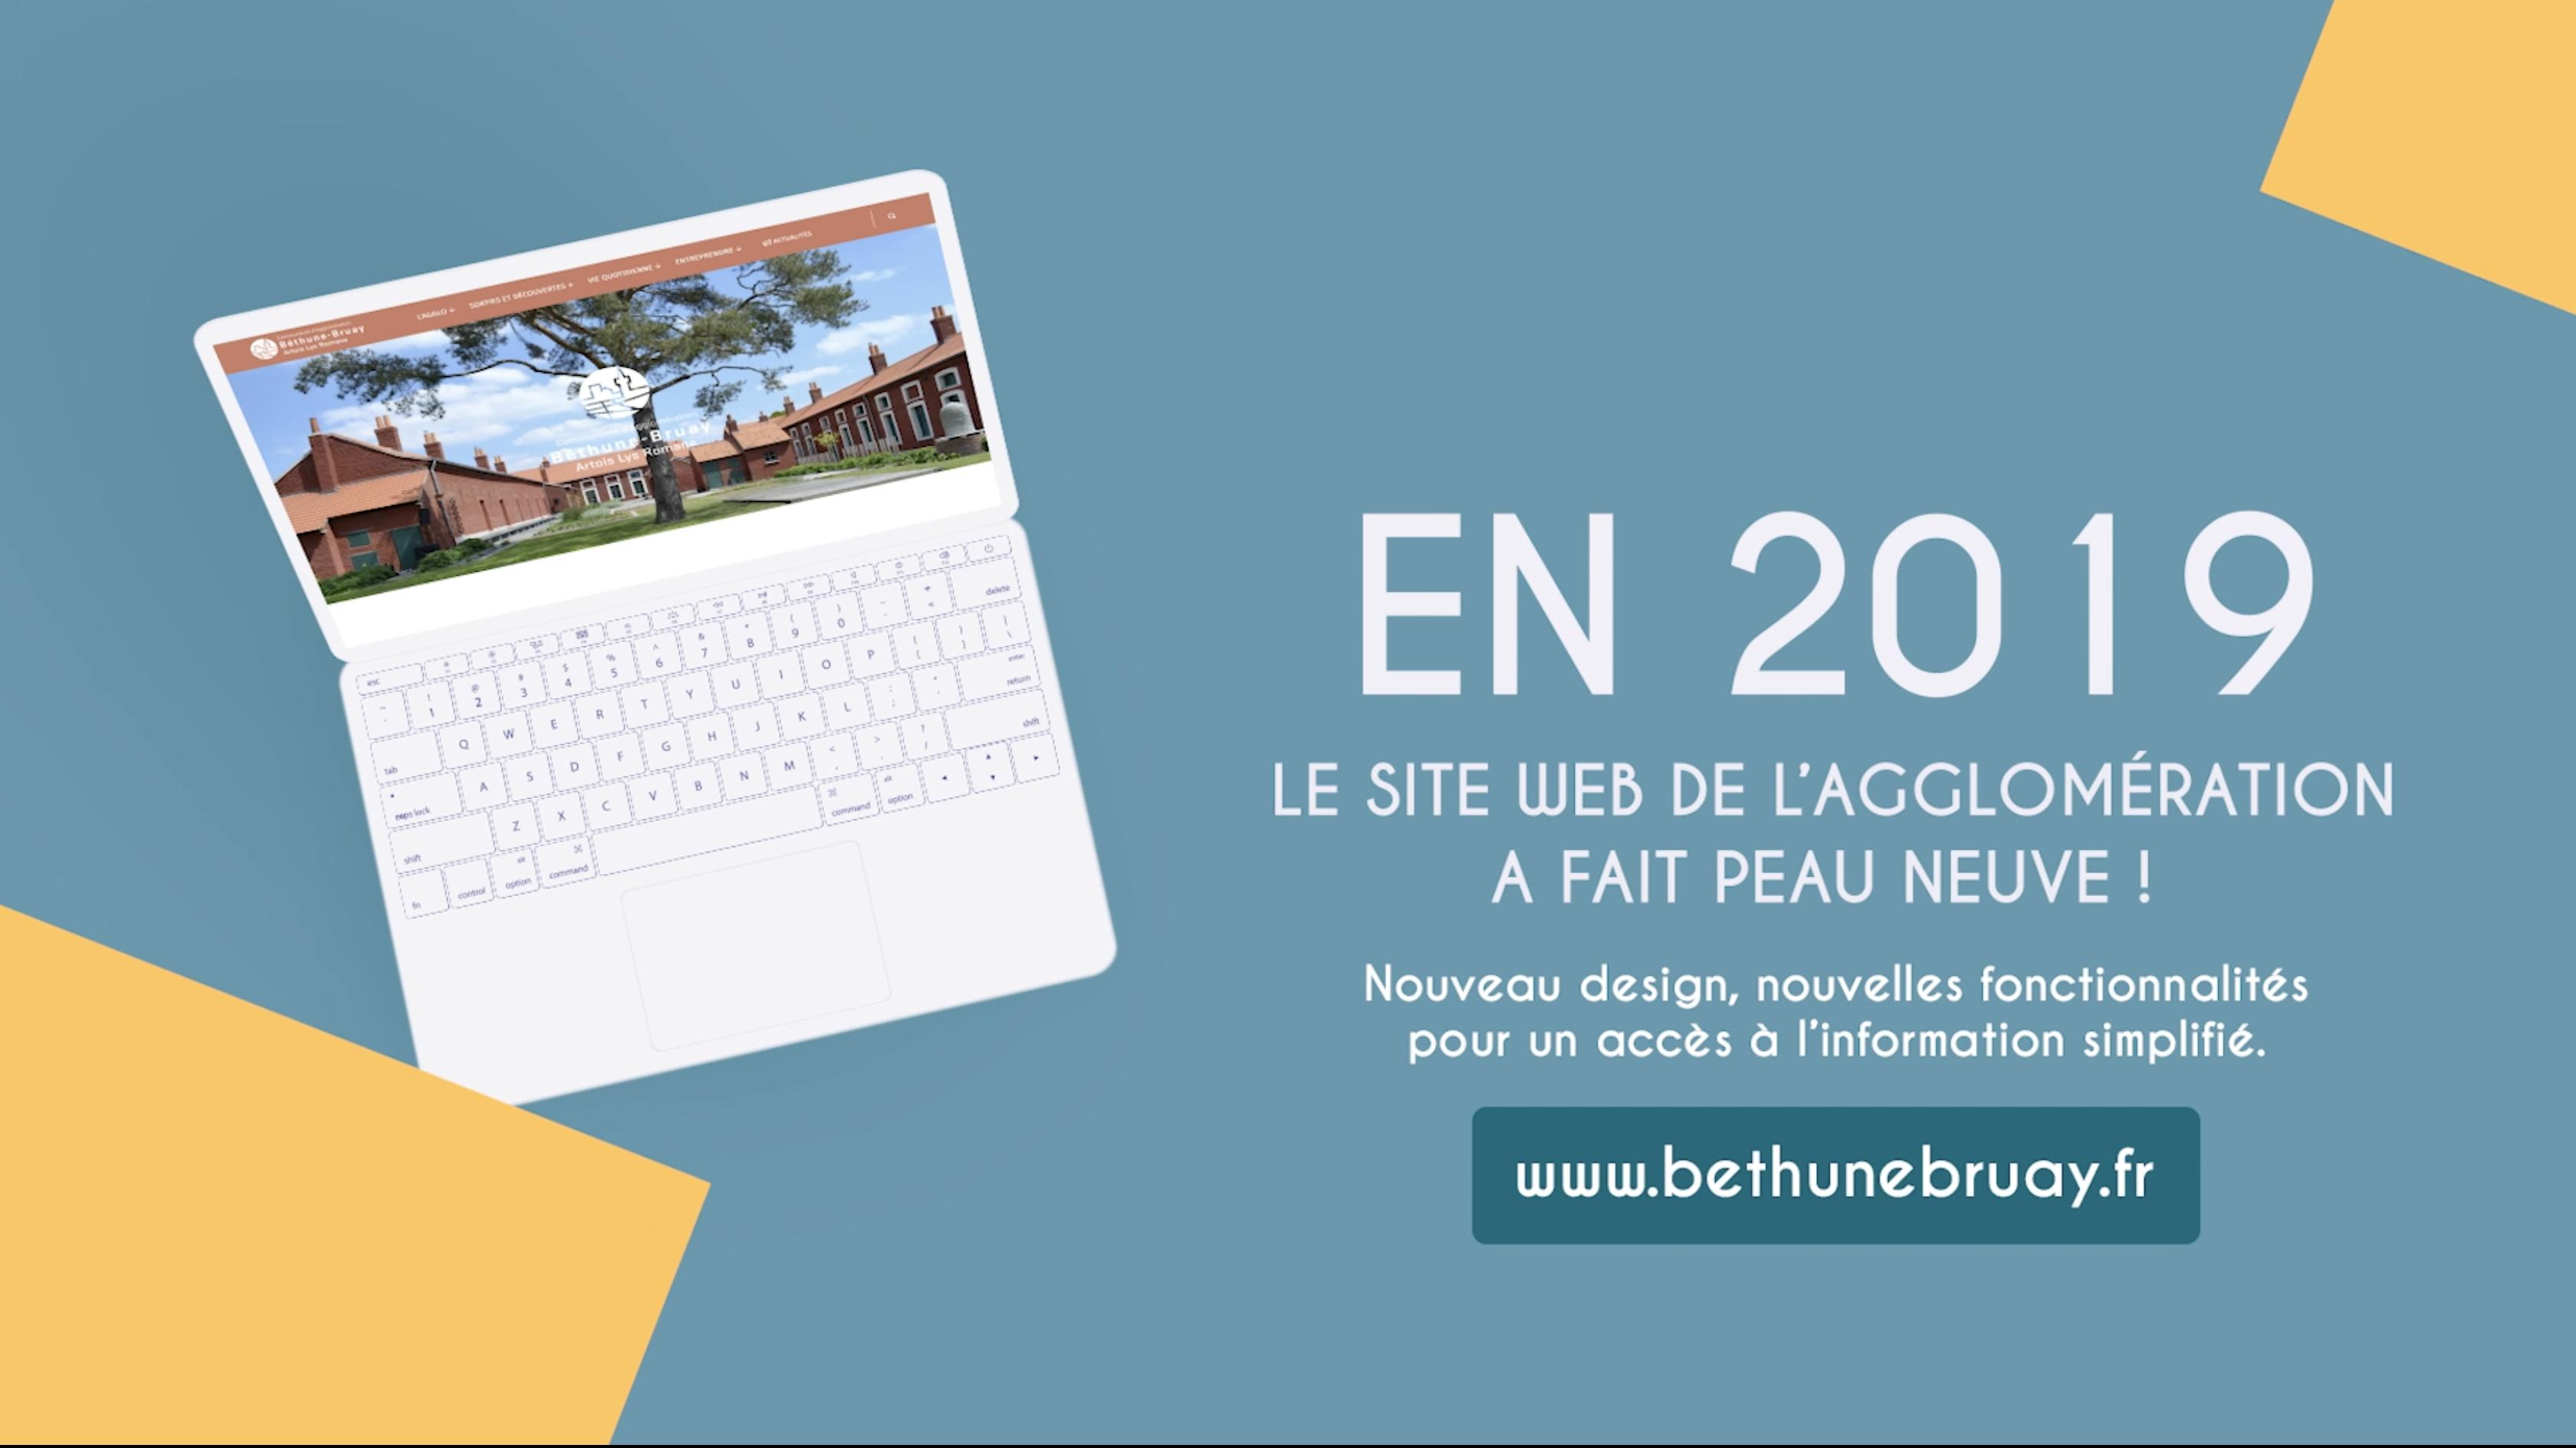 Retrospective 2019 - Communauté d'Agglomération de Béthune-Bruay, Artois Lys Romane - Agence GUS